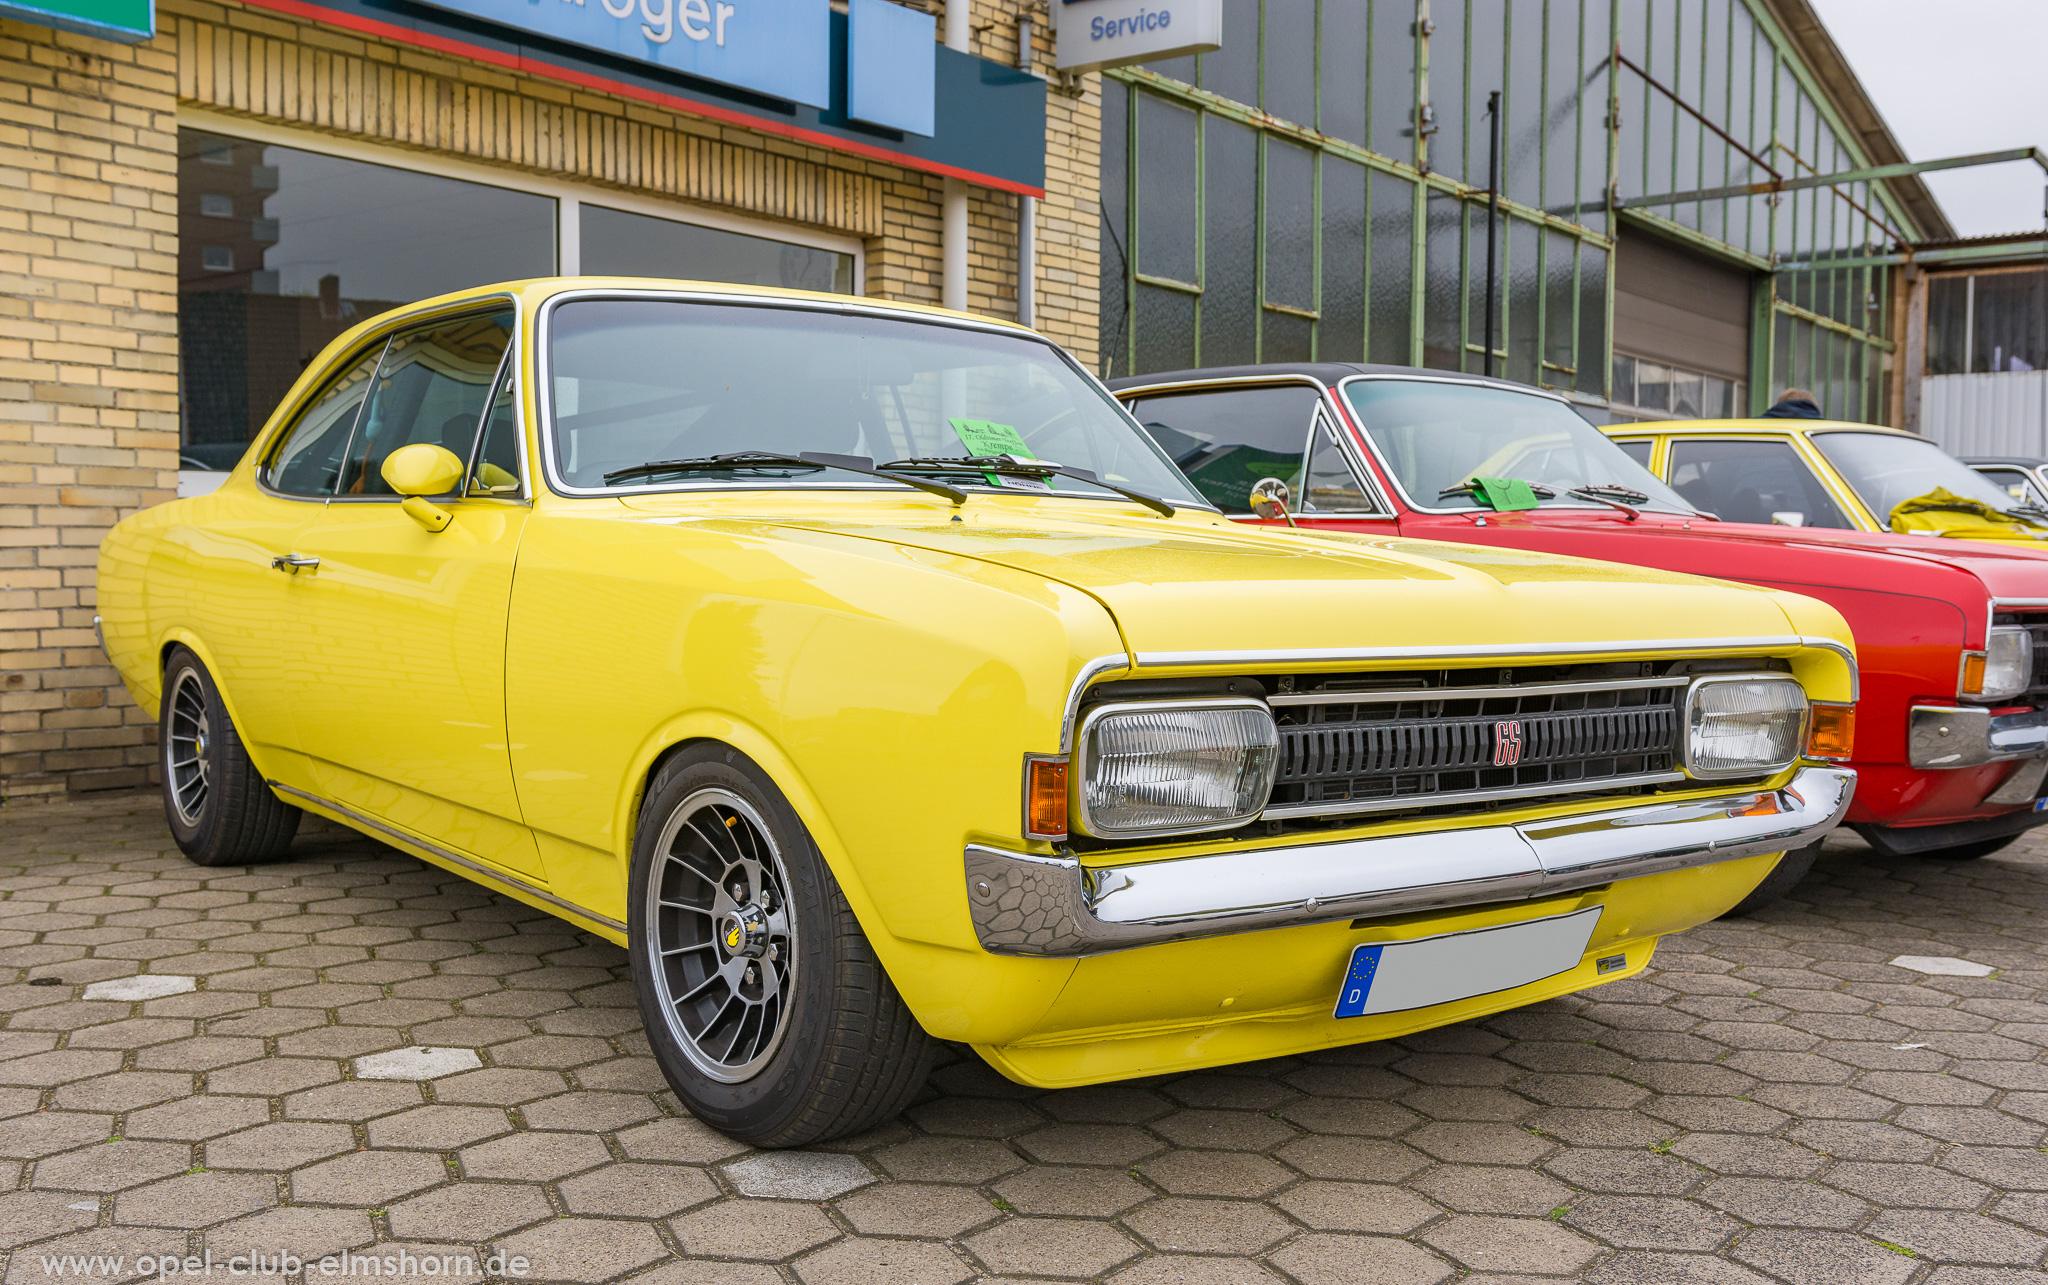 Altopeltreffen Wedel 2019 - 20190501_113843 - Opel Commodore A